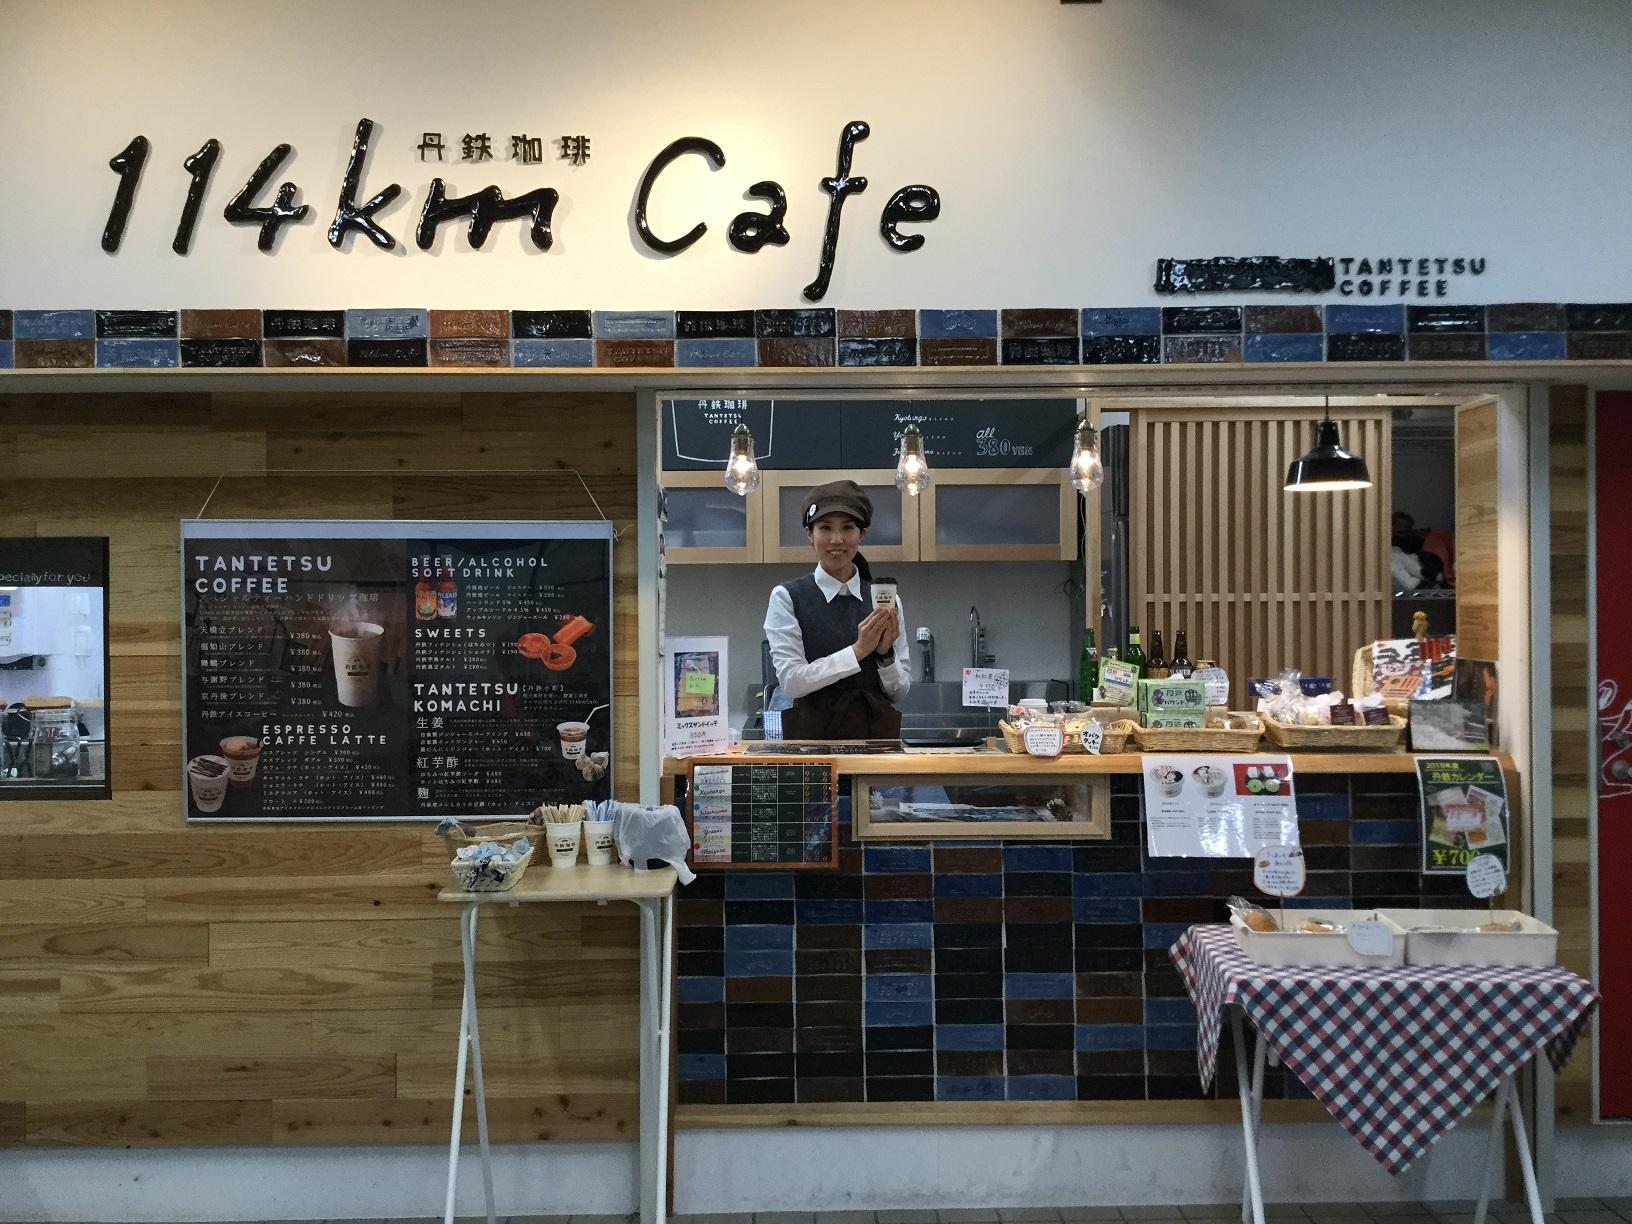 丹鉄珈琲~144km cafe~